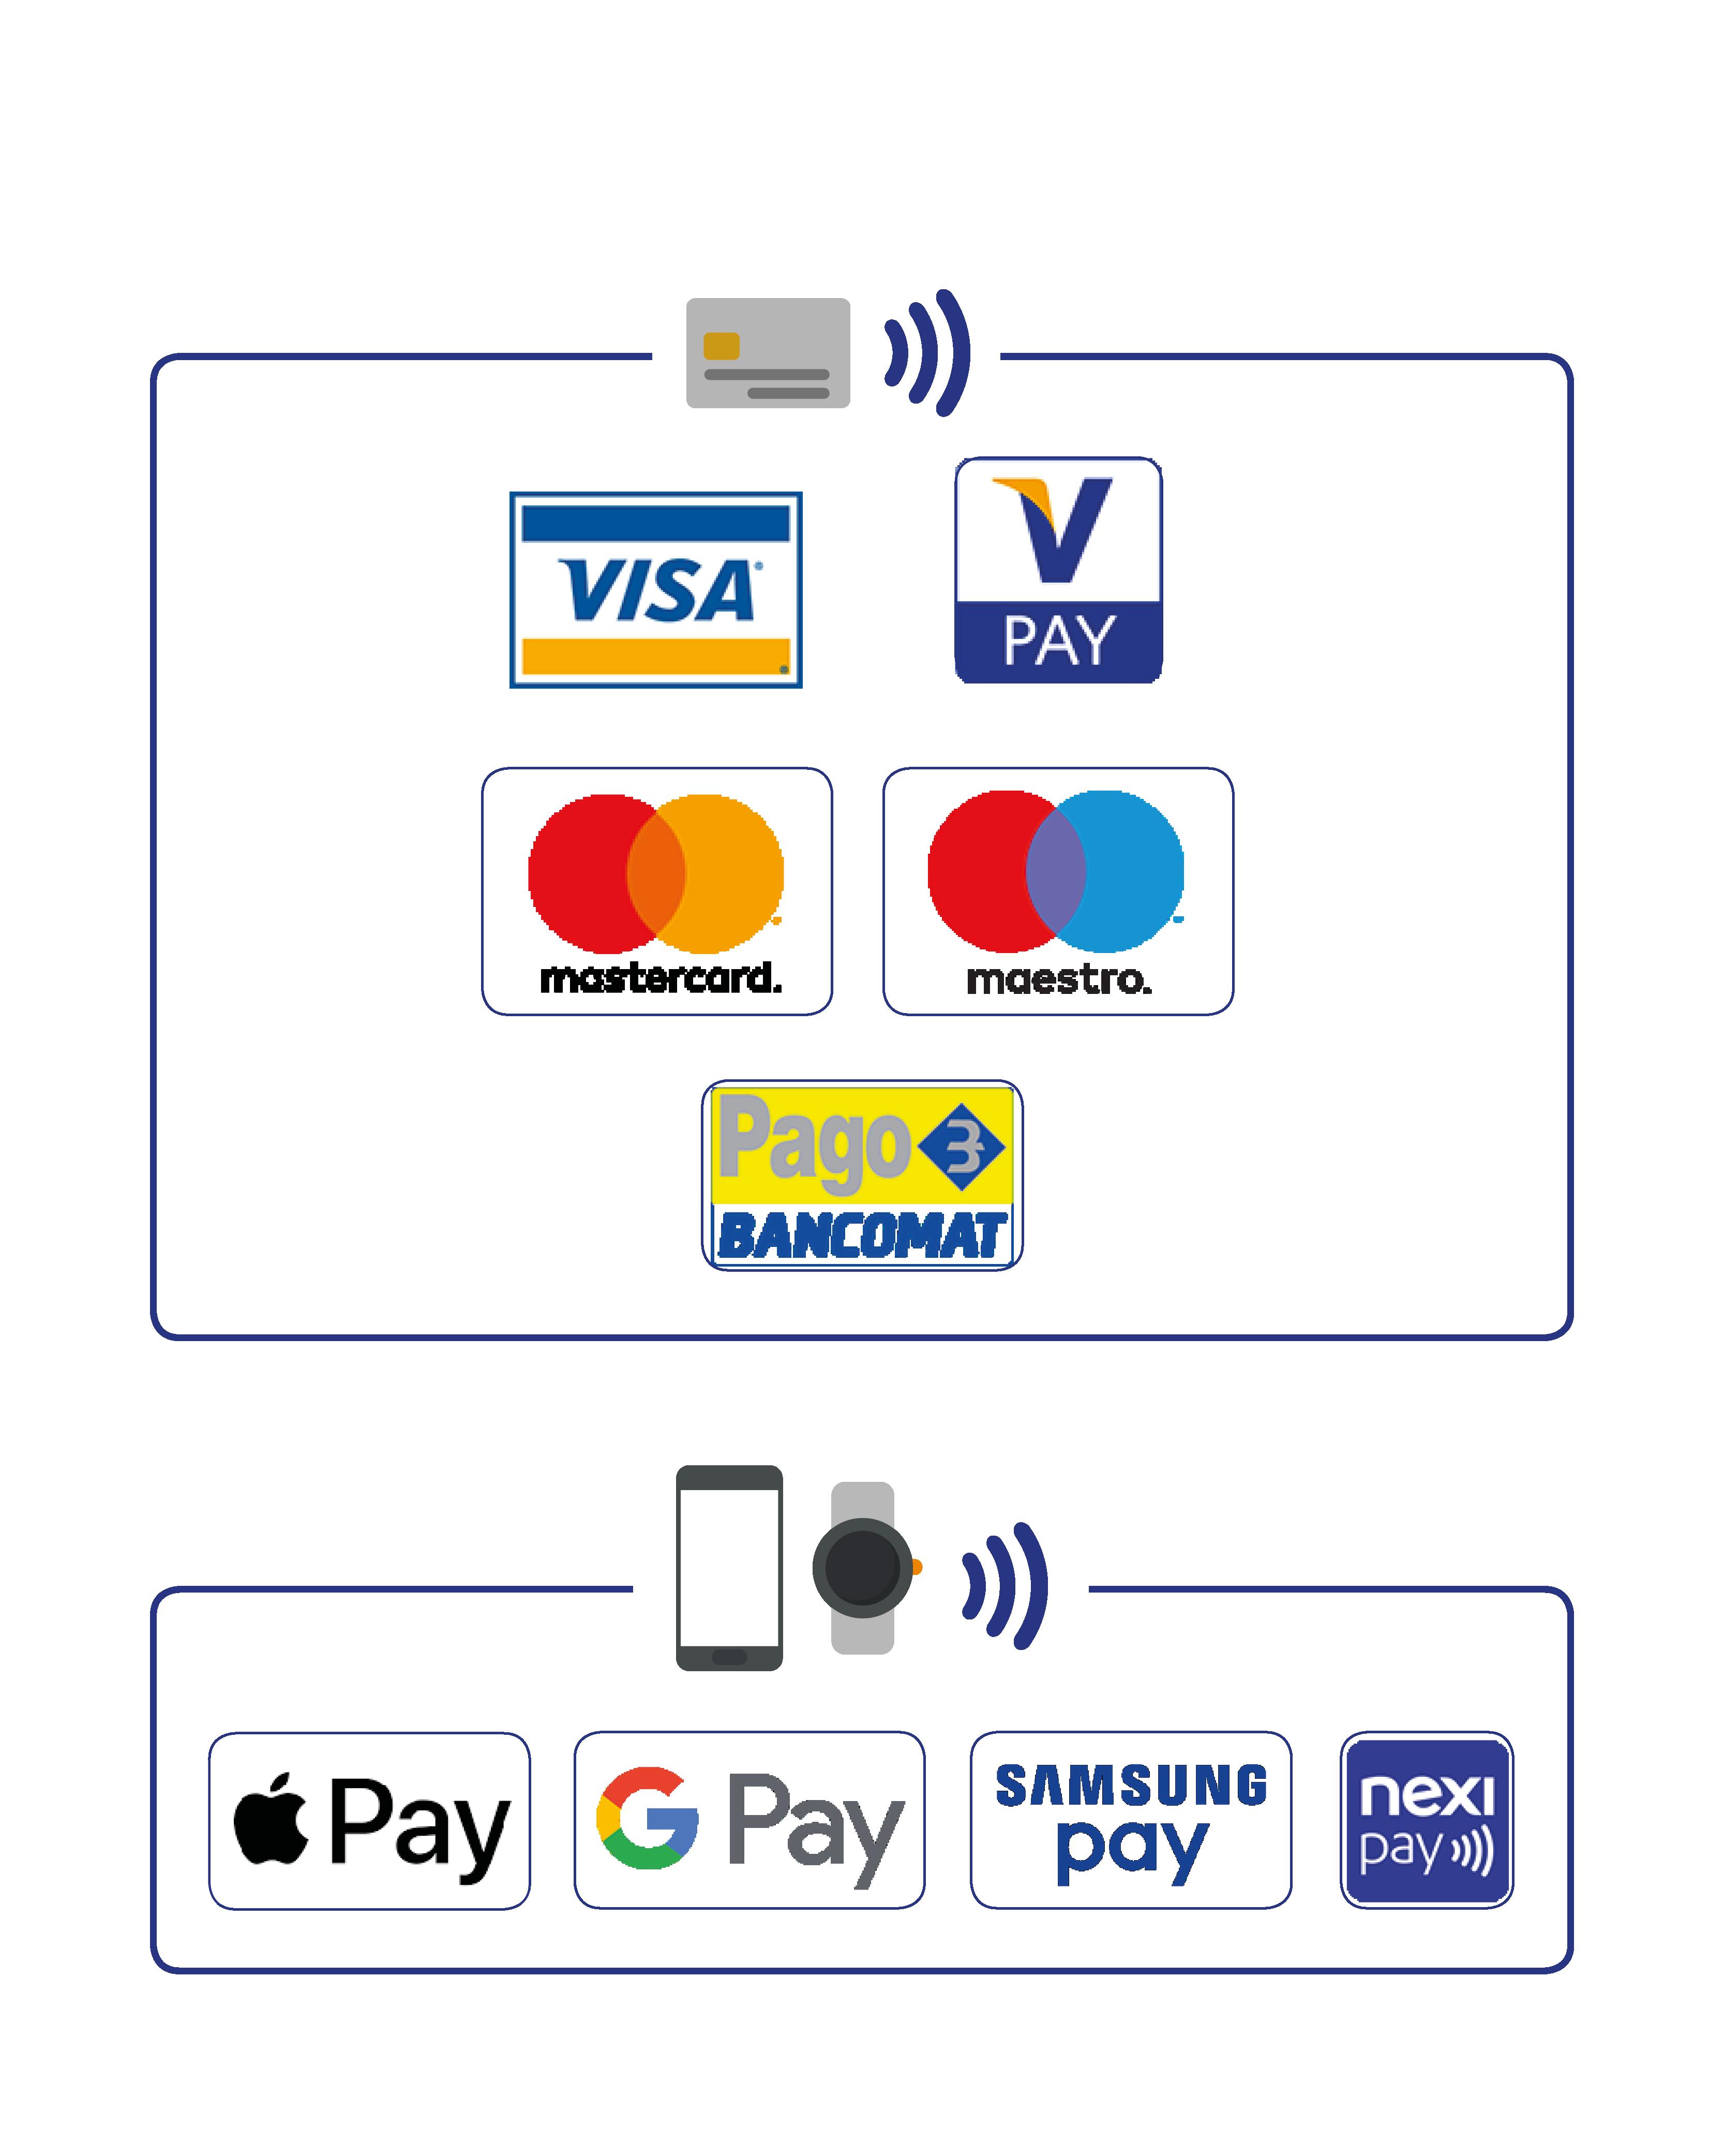 Metodi di pagamento accettati in negozio